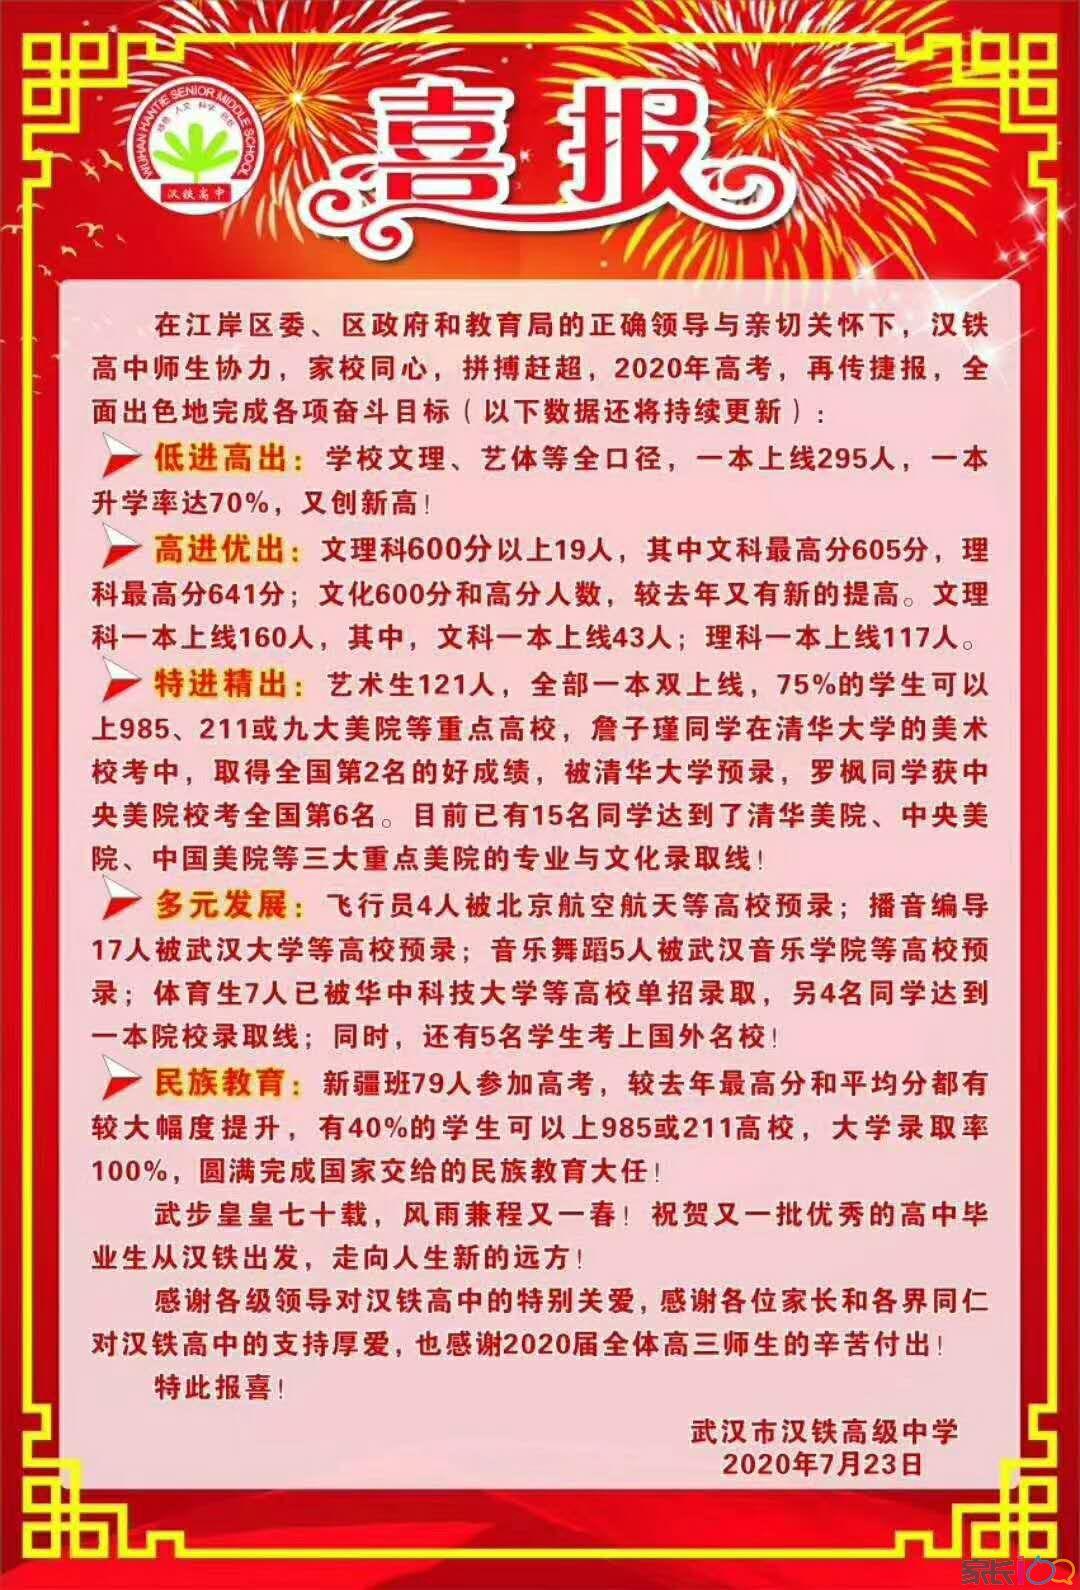 漢鐵高中2020屆高考,一本升學率達70%